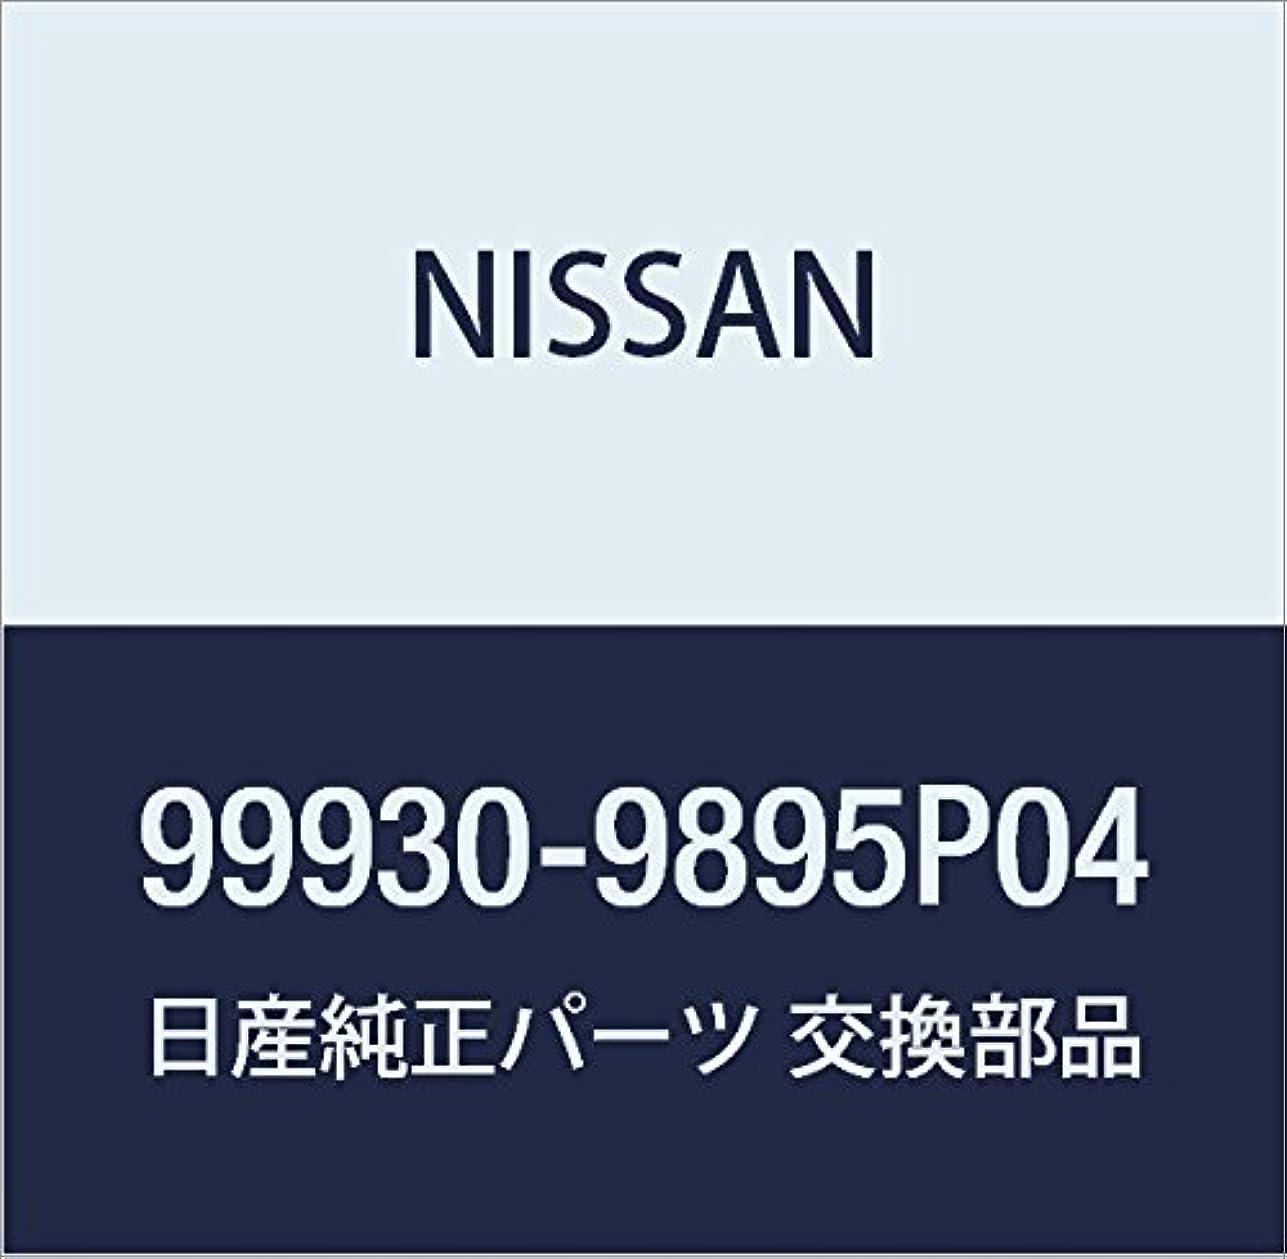 吸収する急降下賢いNISSAN(ニッサン)日産純正部品ルーフラック エクステンション 99930-9895P04